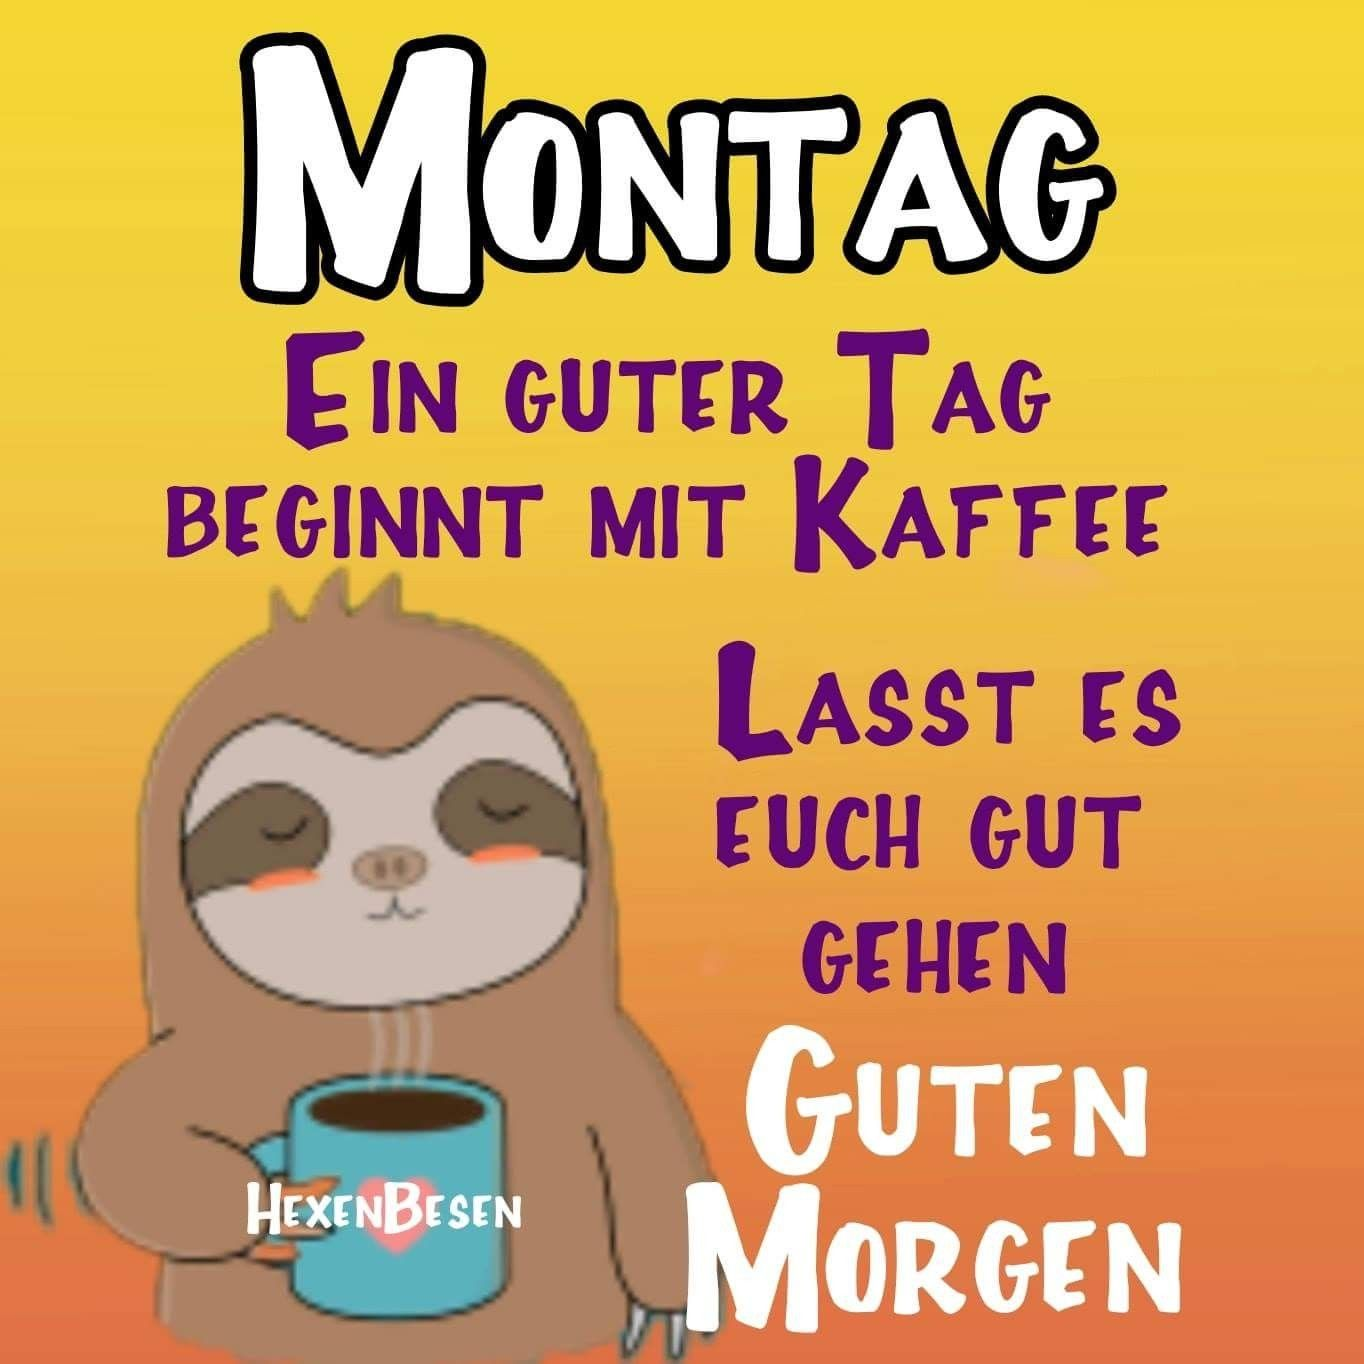 Schönen montag morgen kaffee - Schönen montag morgen kaffee